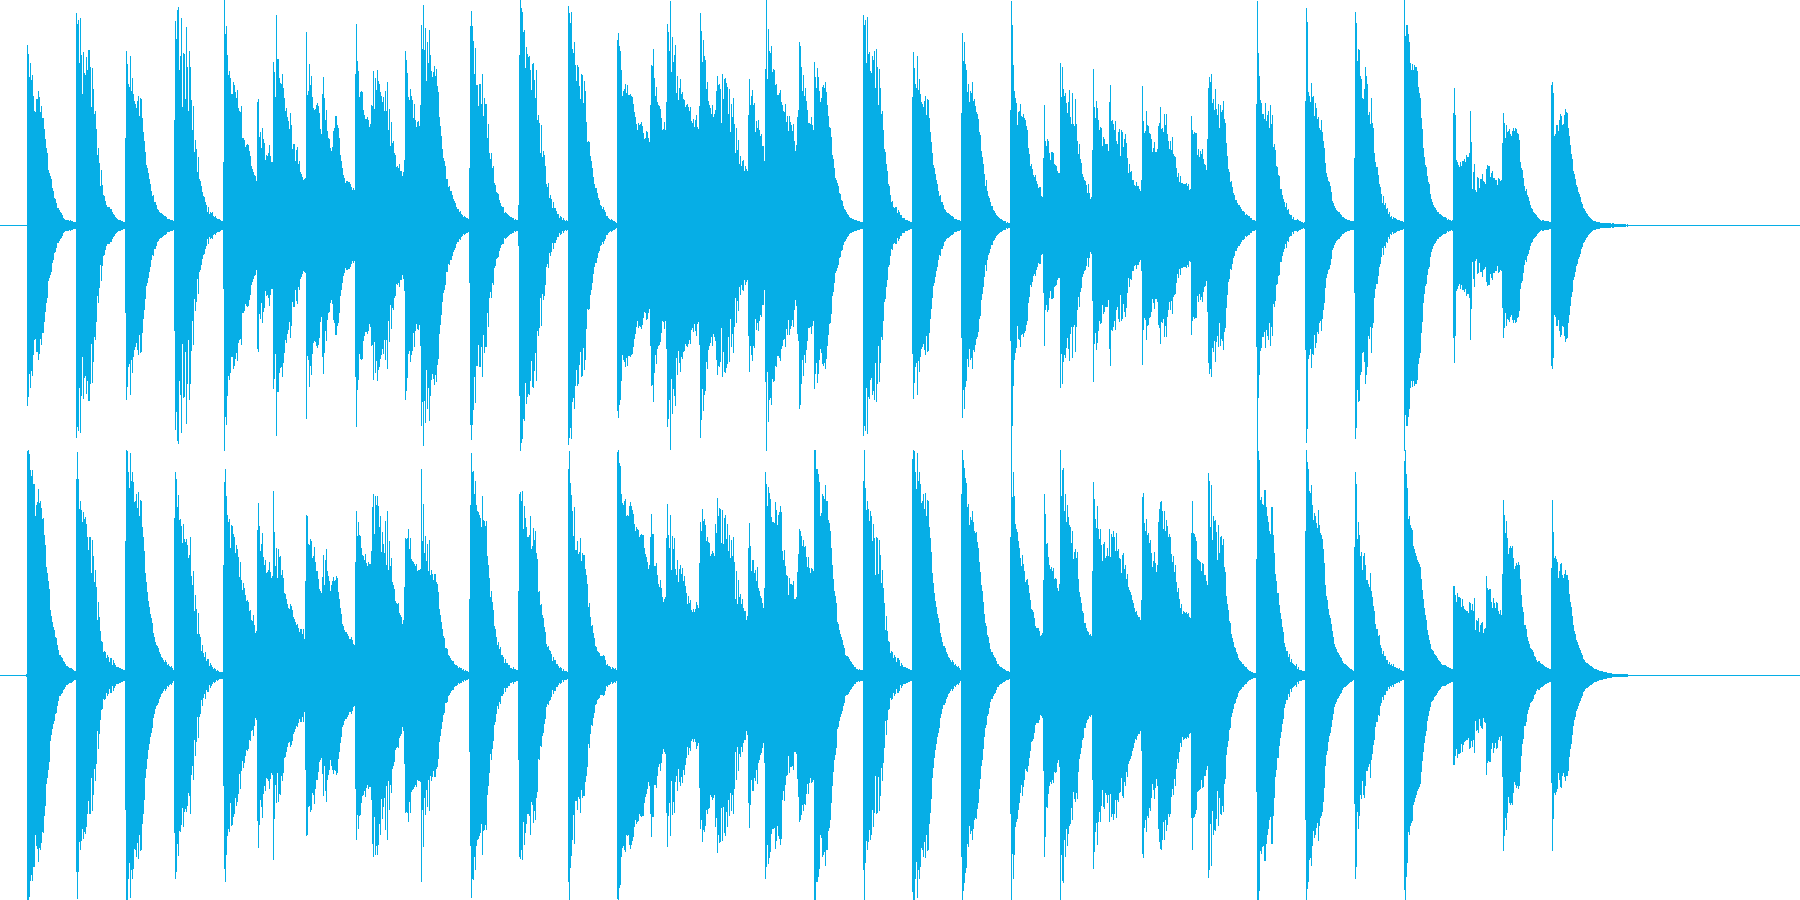 軽快なほのぼのピアノ曲の再生済みの波形